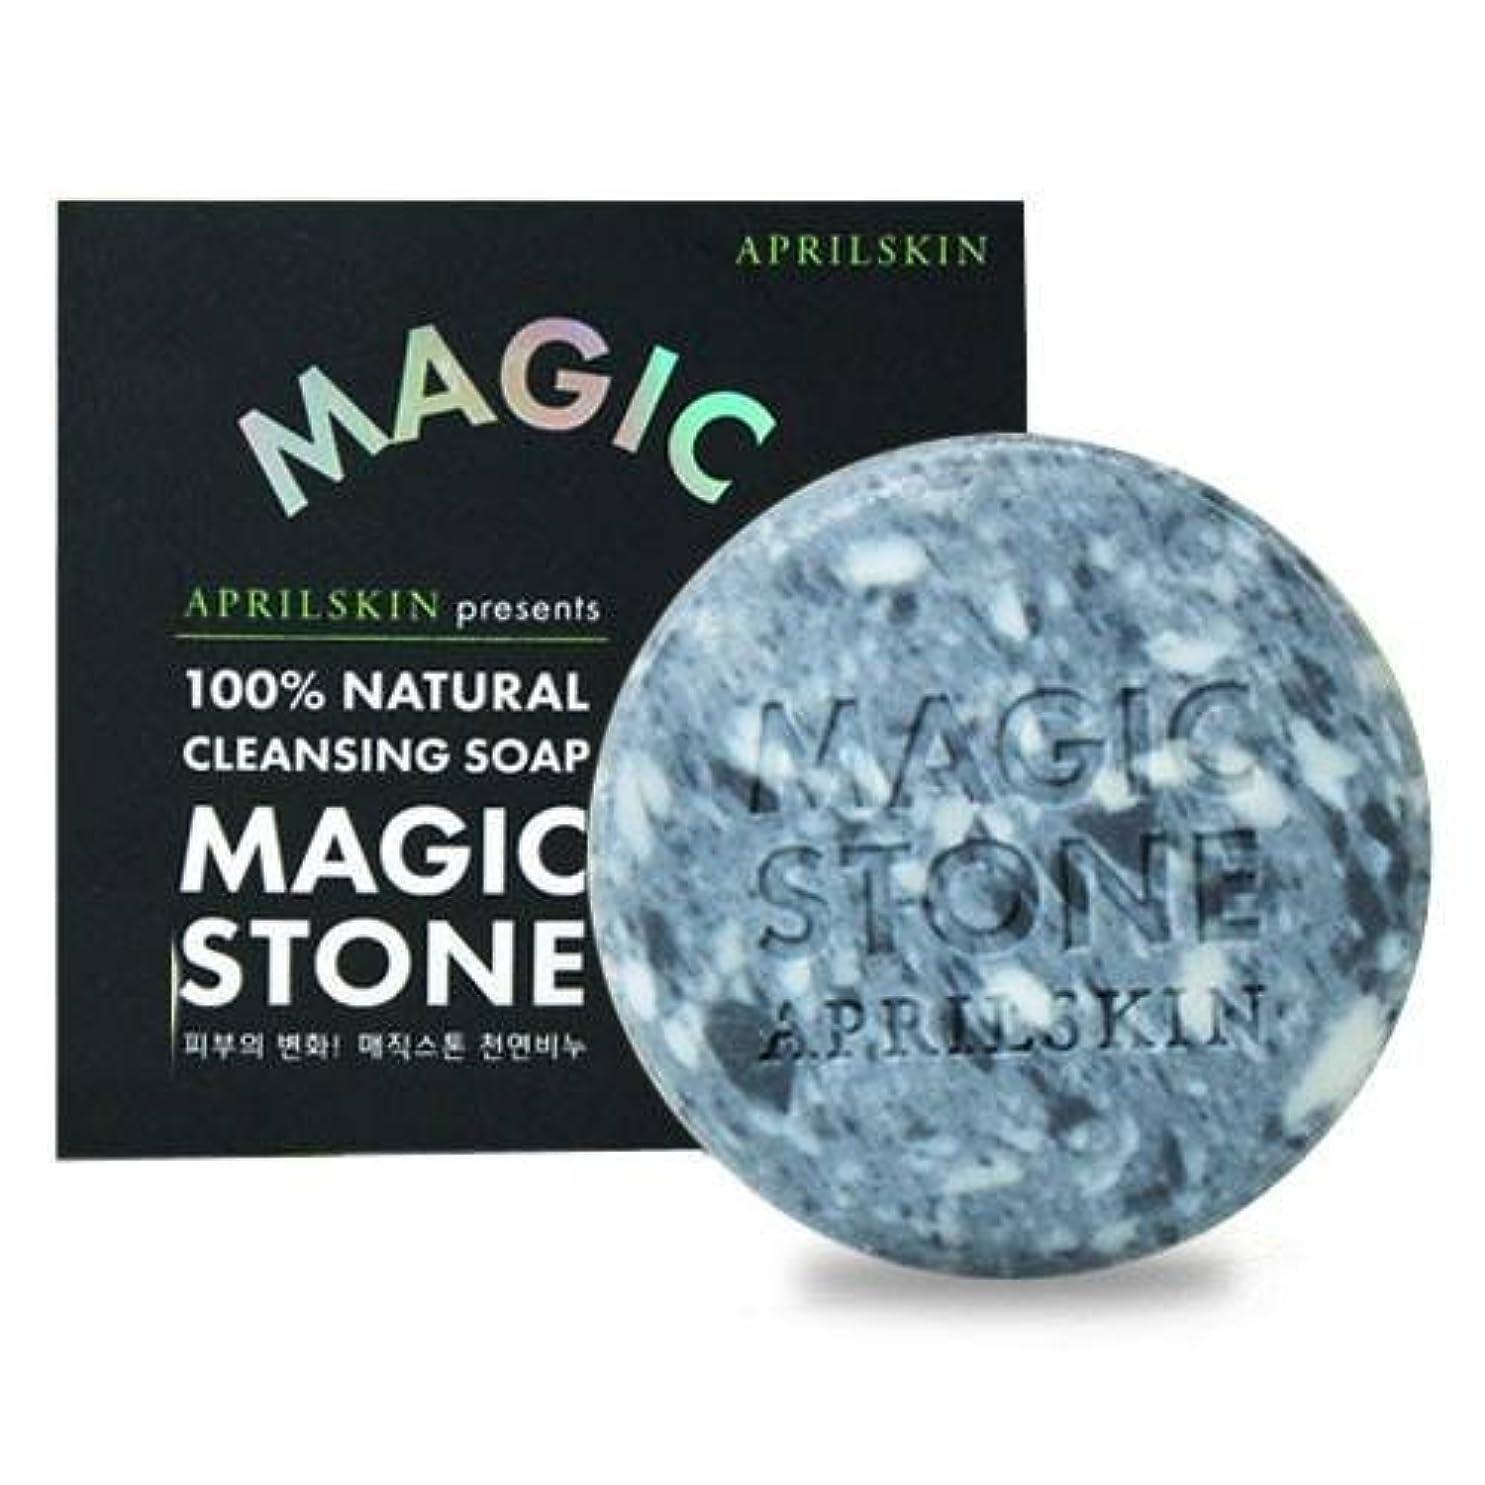 国歌上院議員硬さ[APRILSKIN] エイプリルスキン国民石鹸 (APRIL SKIN magic stone マジックストーンのリニューアルバージョン新発売) (ORIGINAL) [並行輸入品]